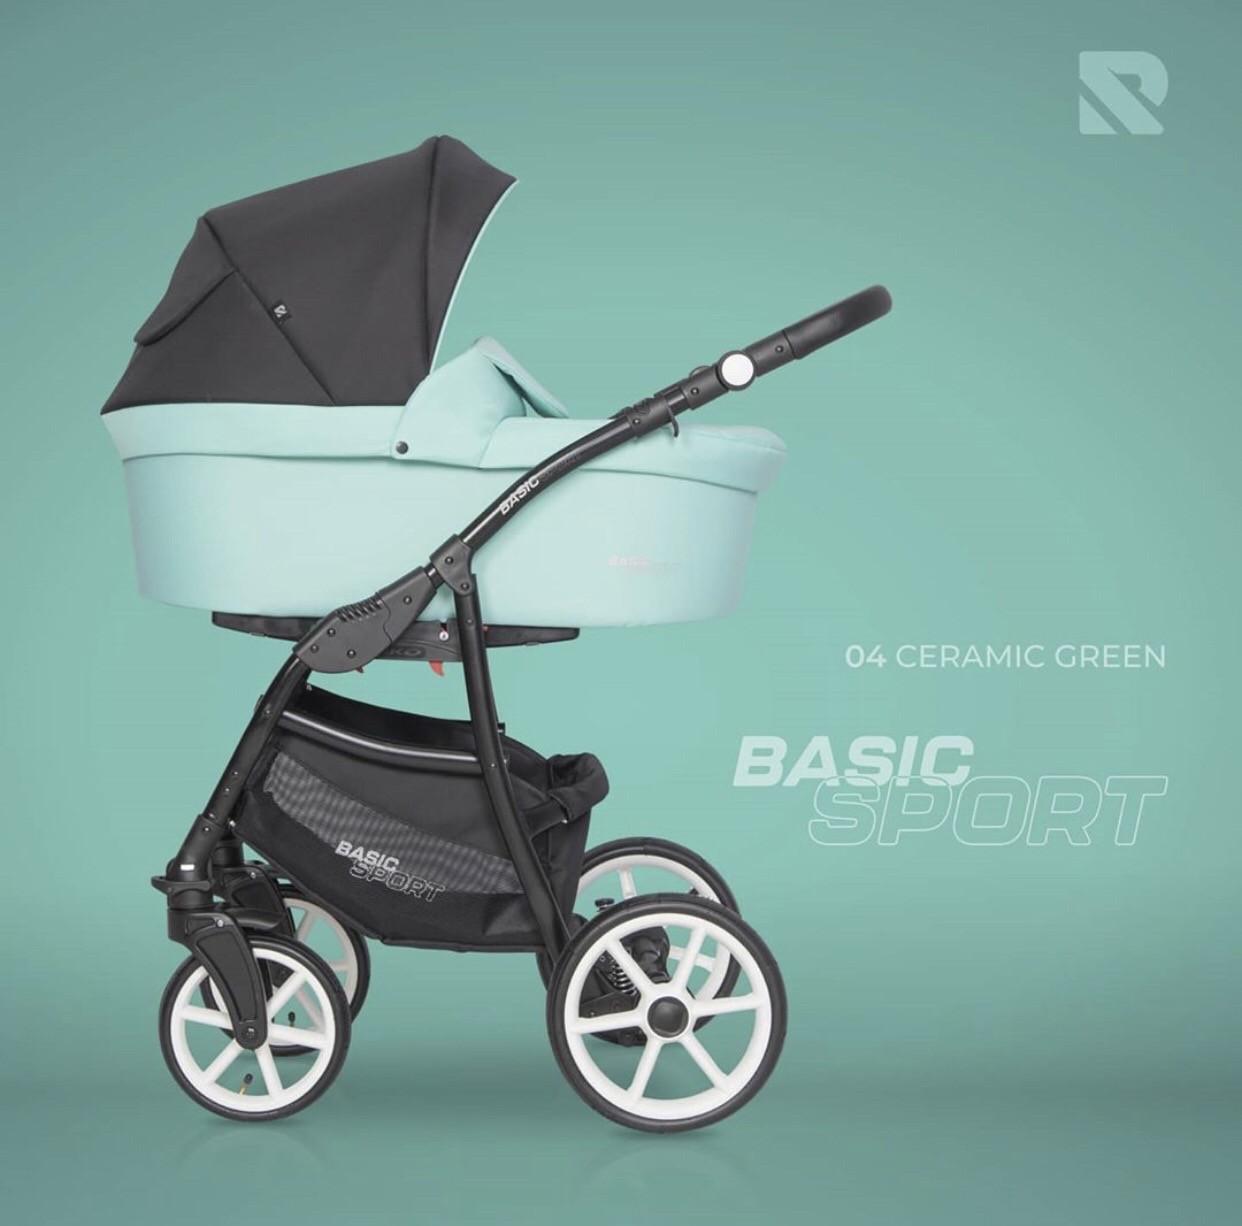 Детская универсальная коляска 2 в 1 Riko Basic Sport 04 Ceramic Green